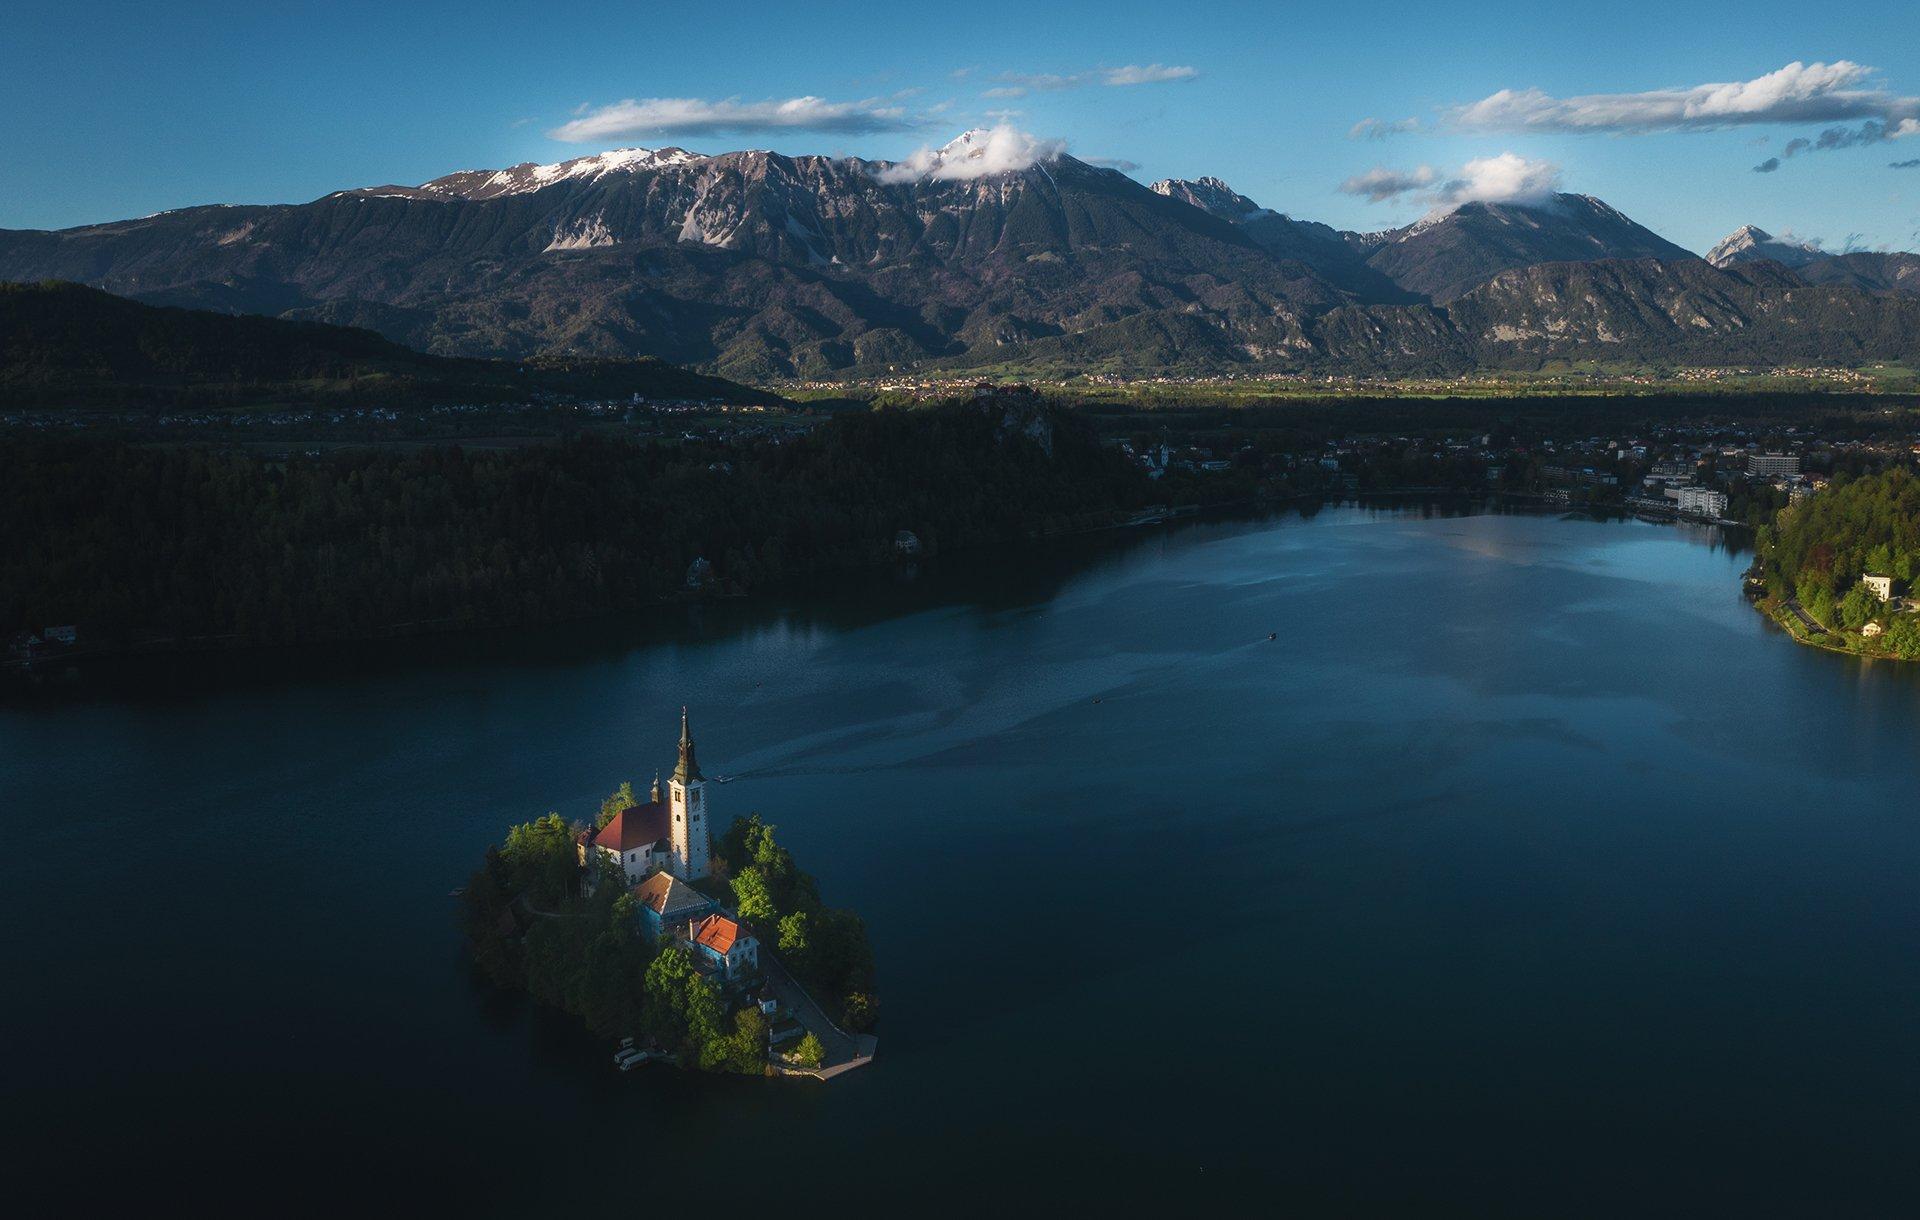 slovenia, bled, lake, alps, dusk, evening, landscape, словения, озеро, блед, альпы, вечер, пейзаж, Дмитрий Иванов